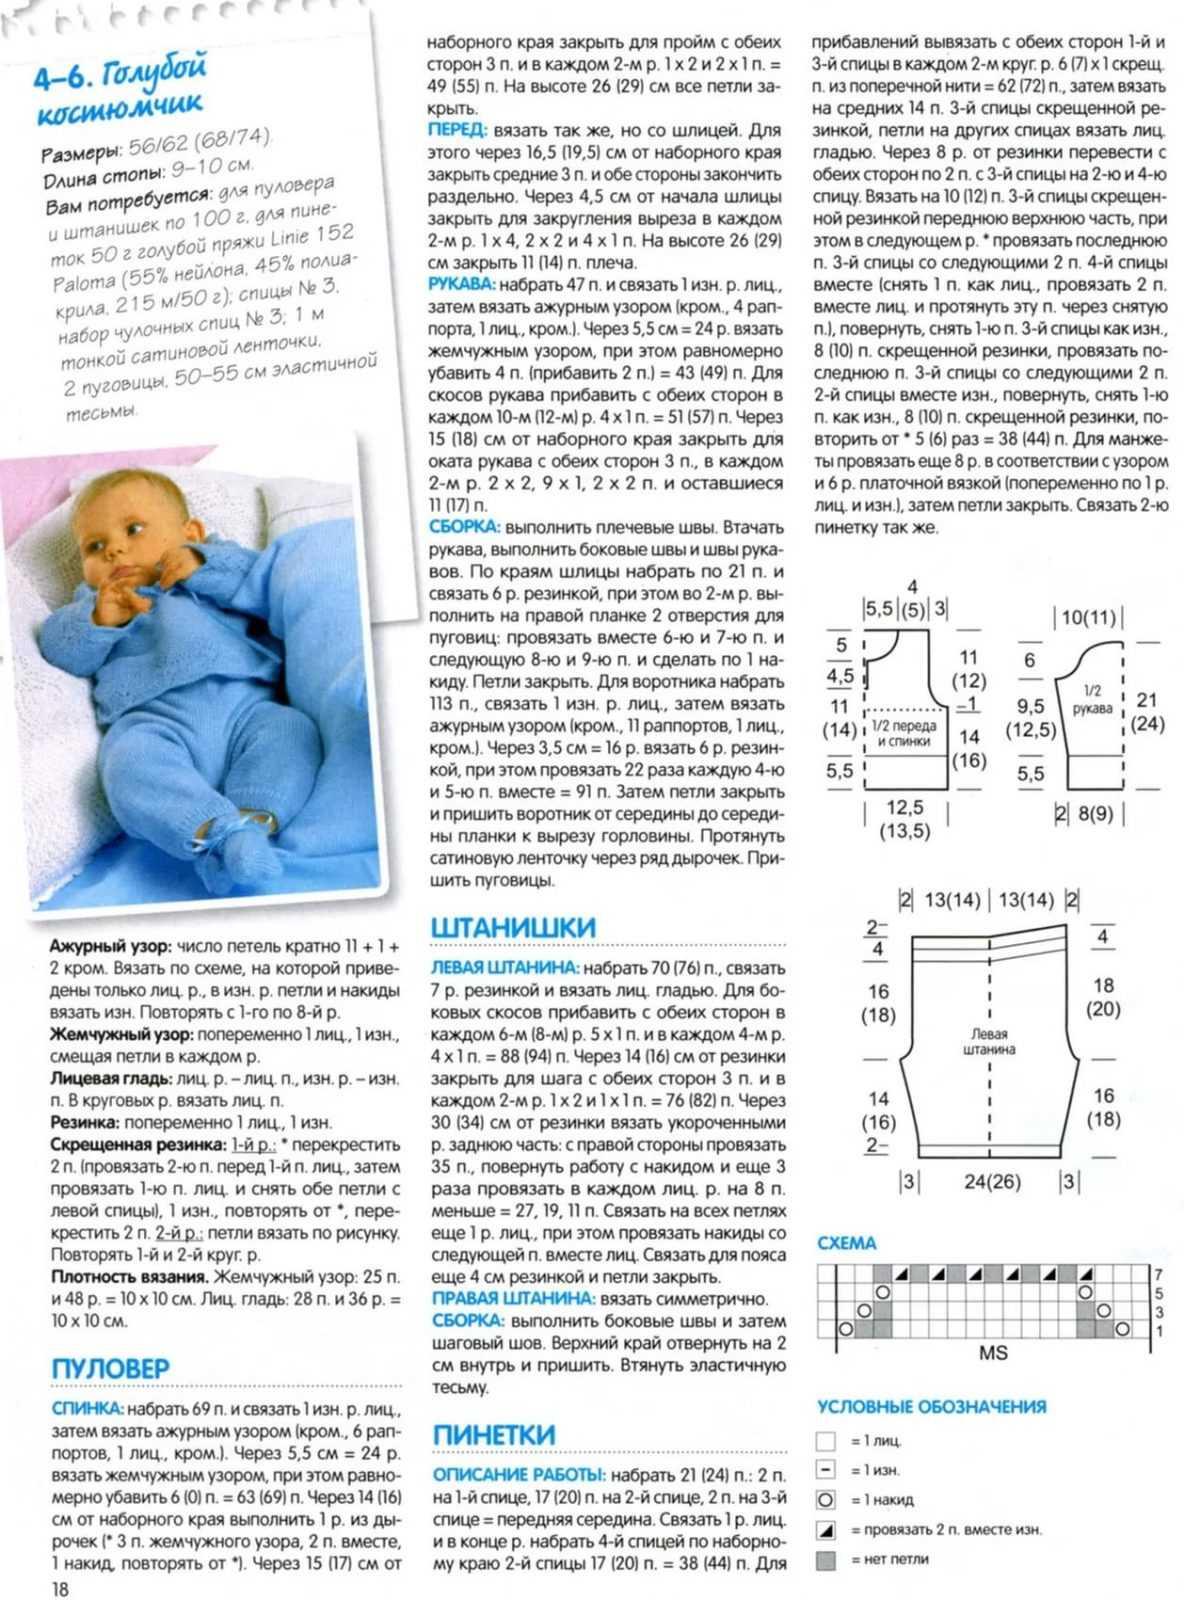 Кофта для новорожденного спицами: расскажем как сделать реглан сверху